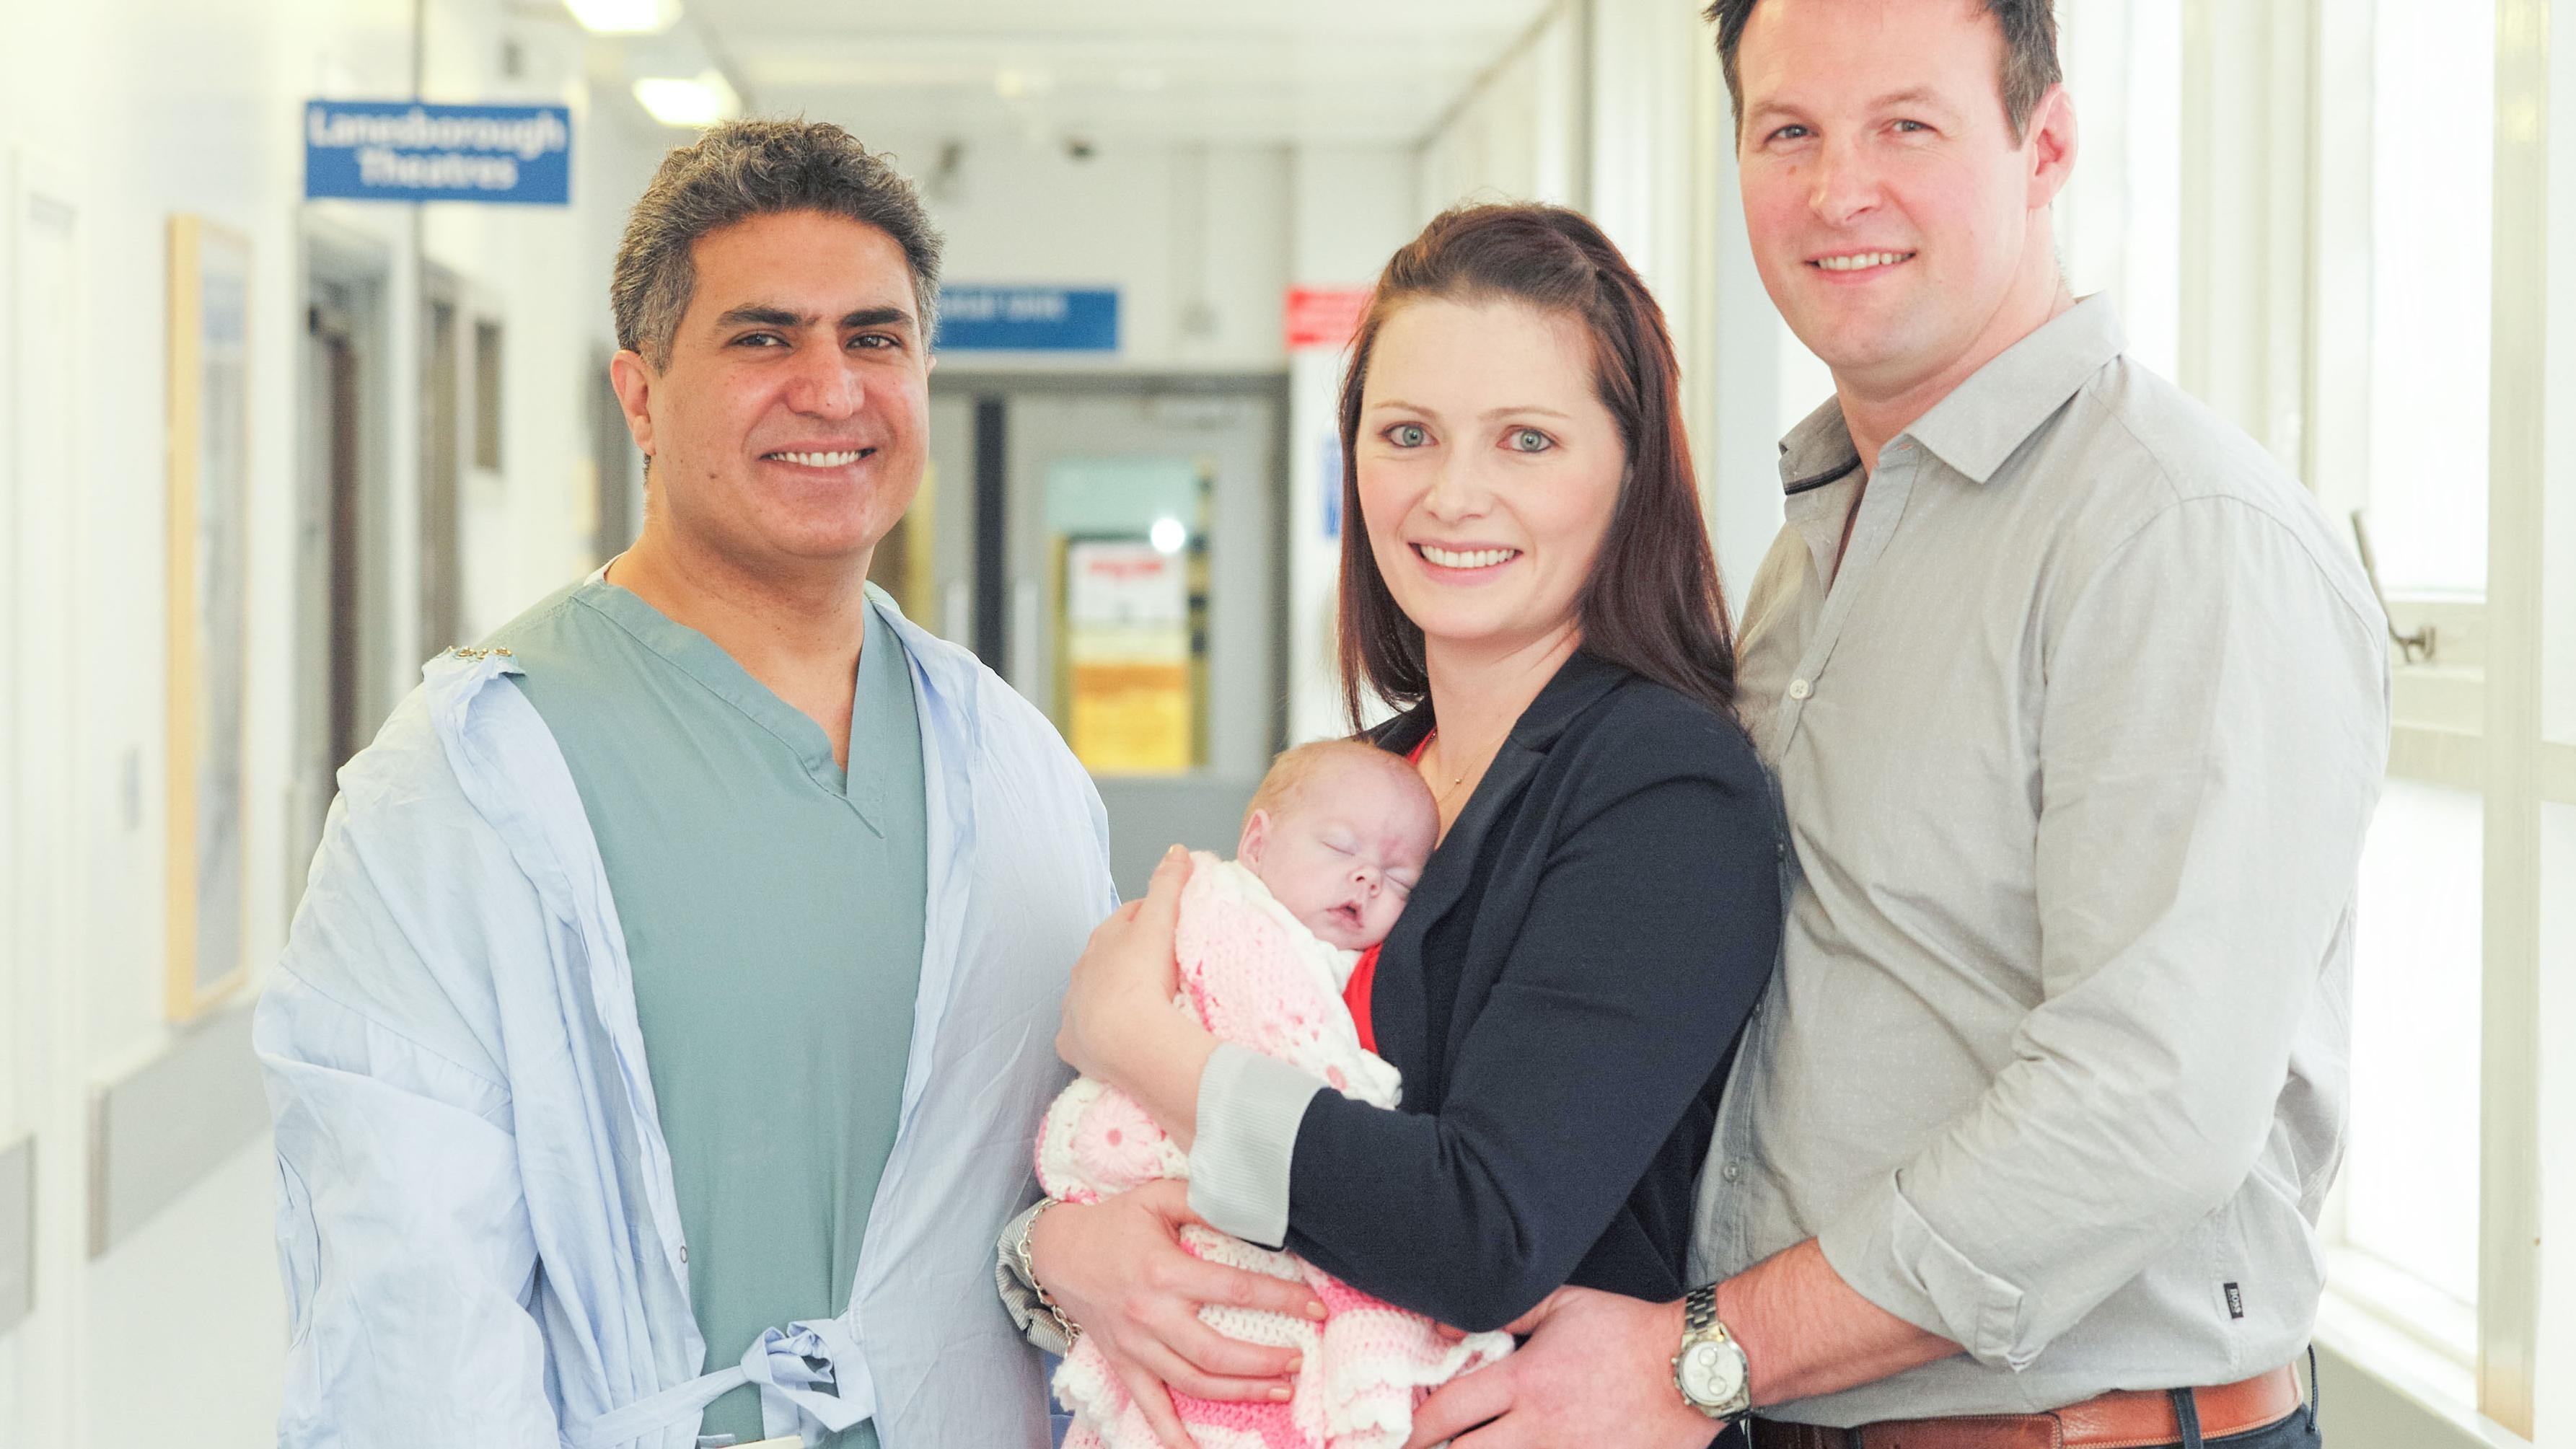 Zahid Mukhtar, Abiageal Peters e seus pais Louise e David (Foto: Divulgação)